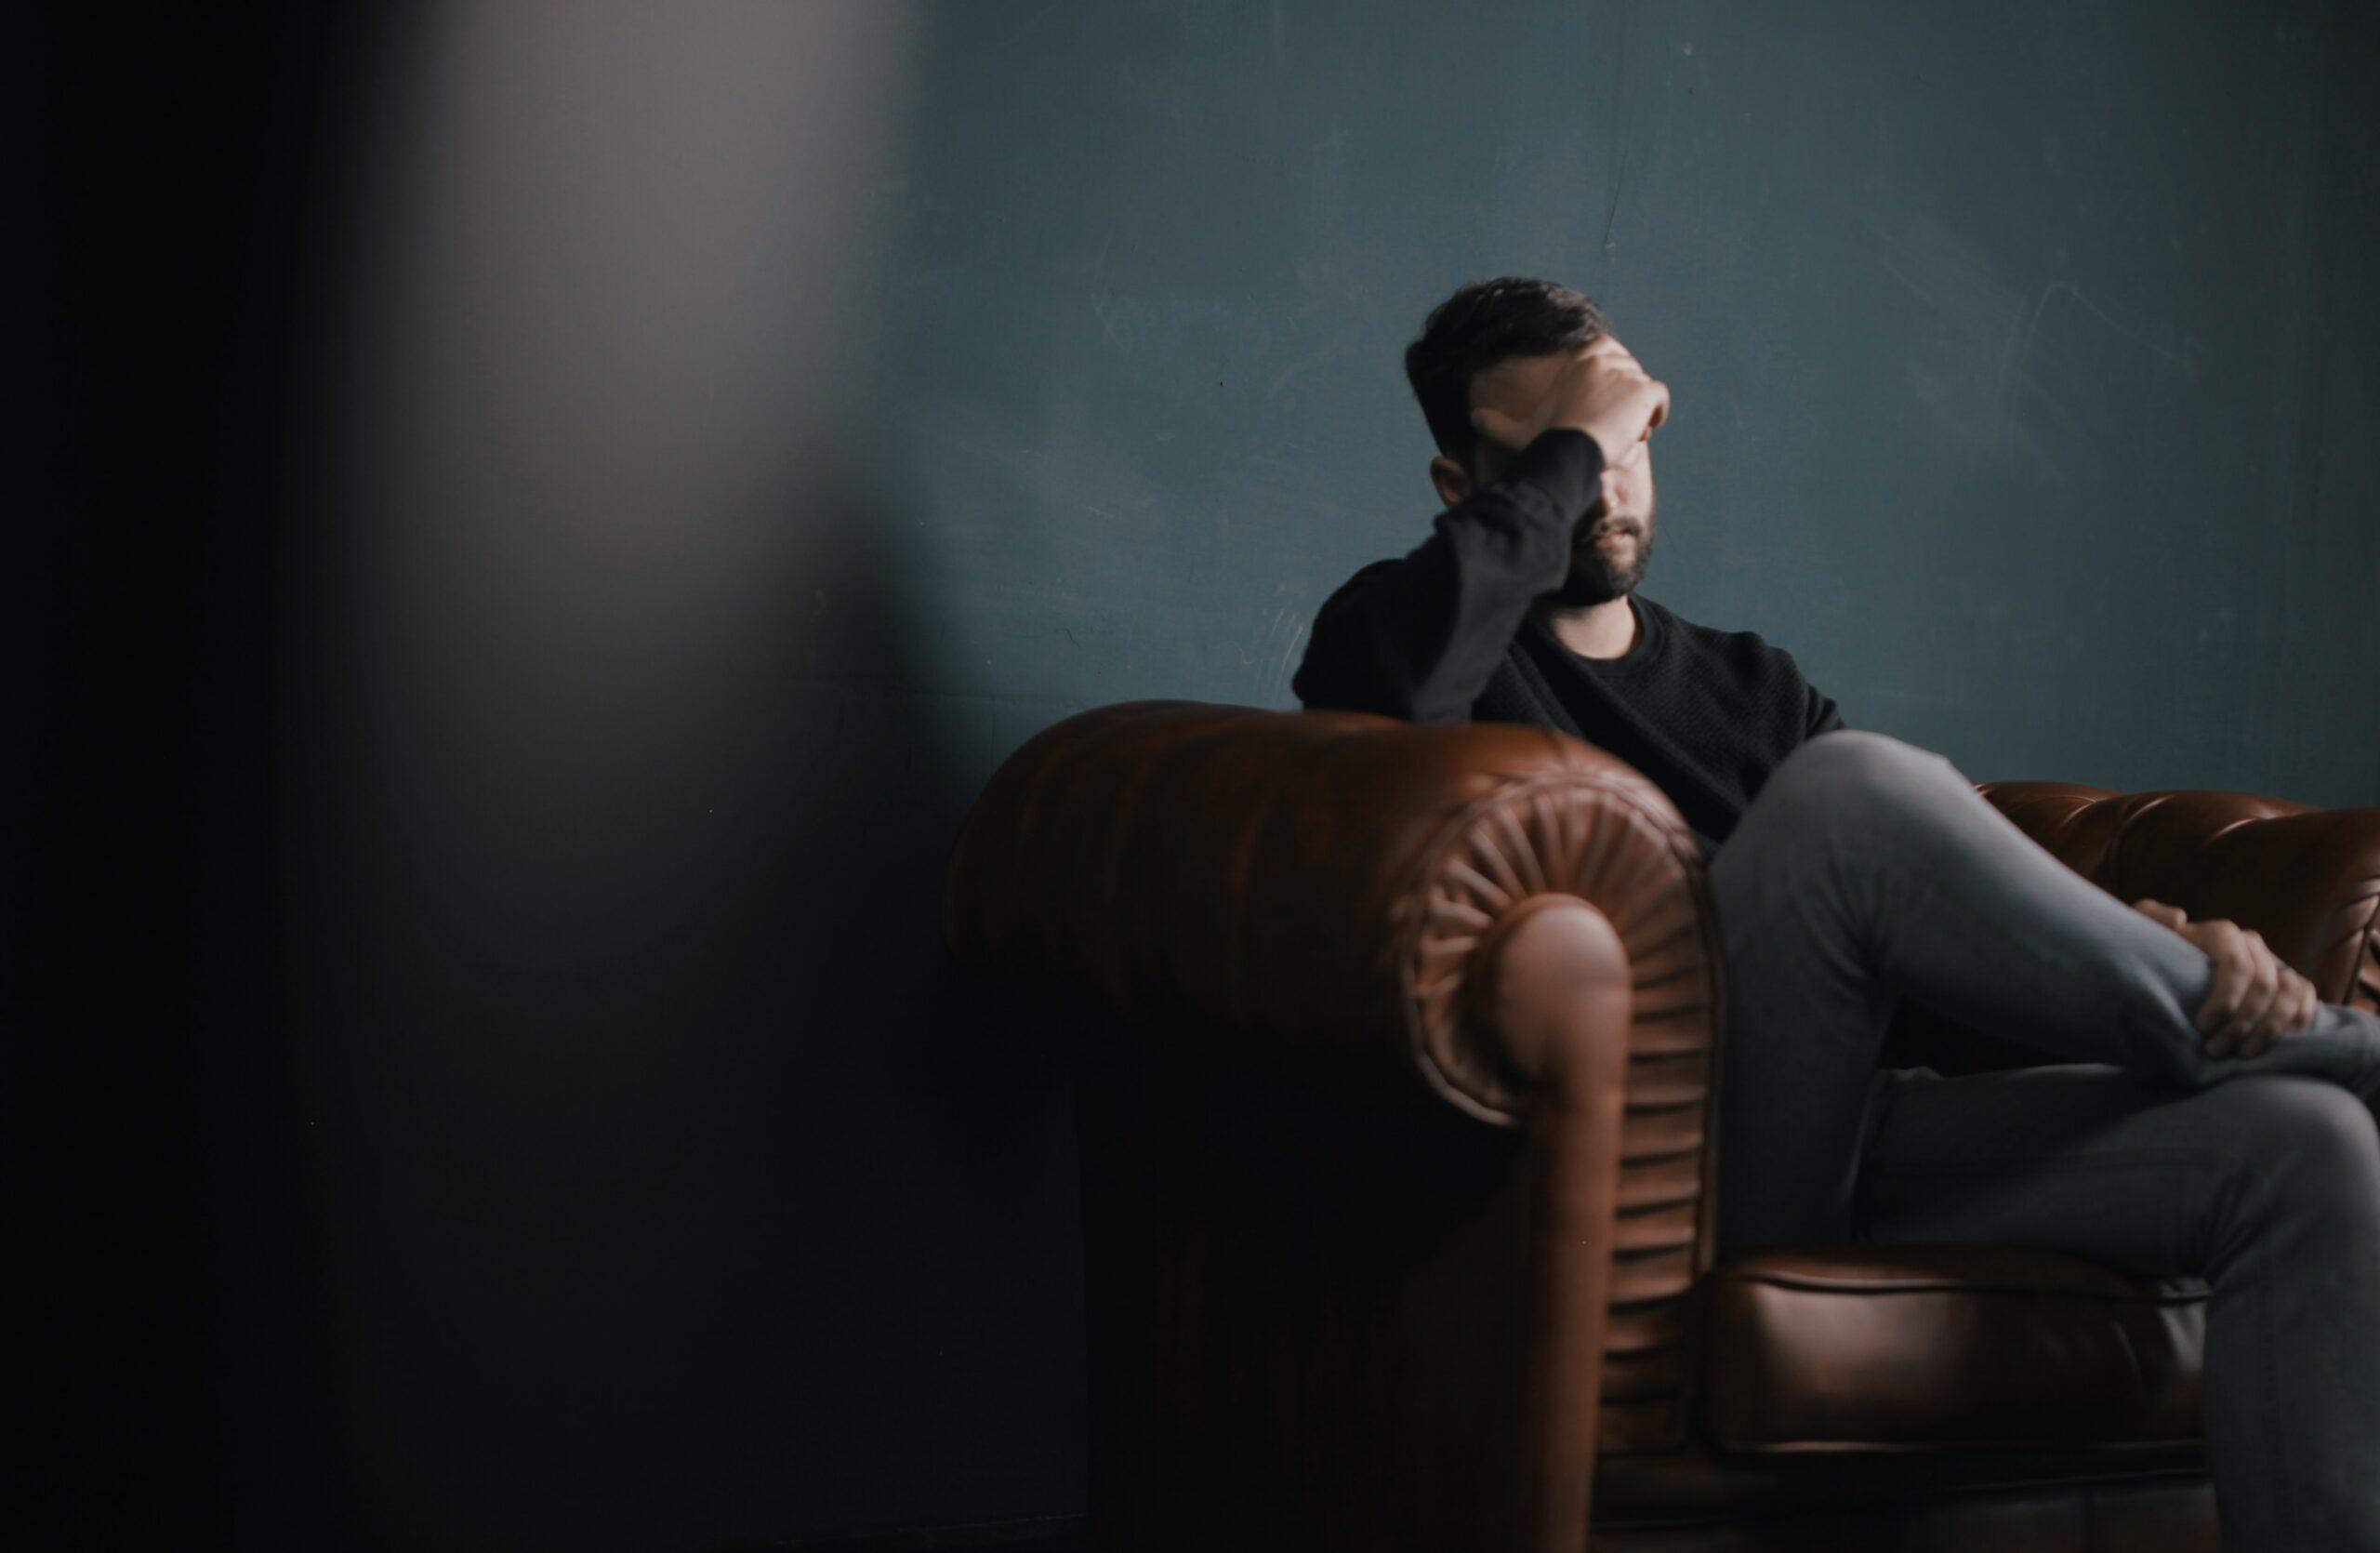 Komunikacja - 5 błędów, które popełniają (nie tylko) mężczyźni